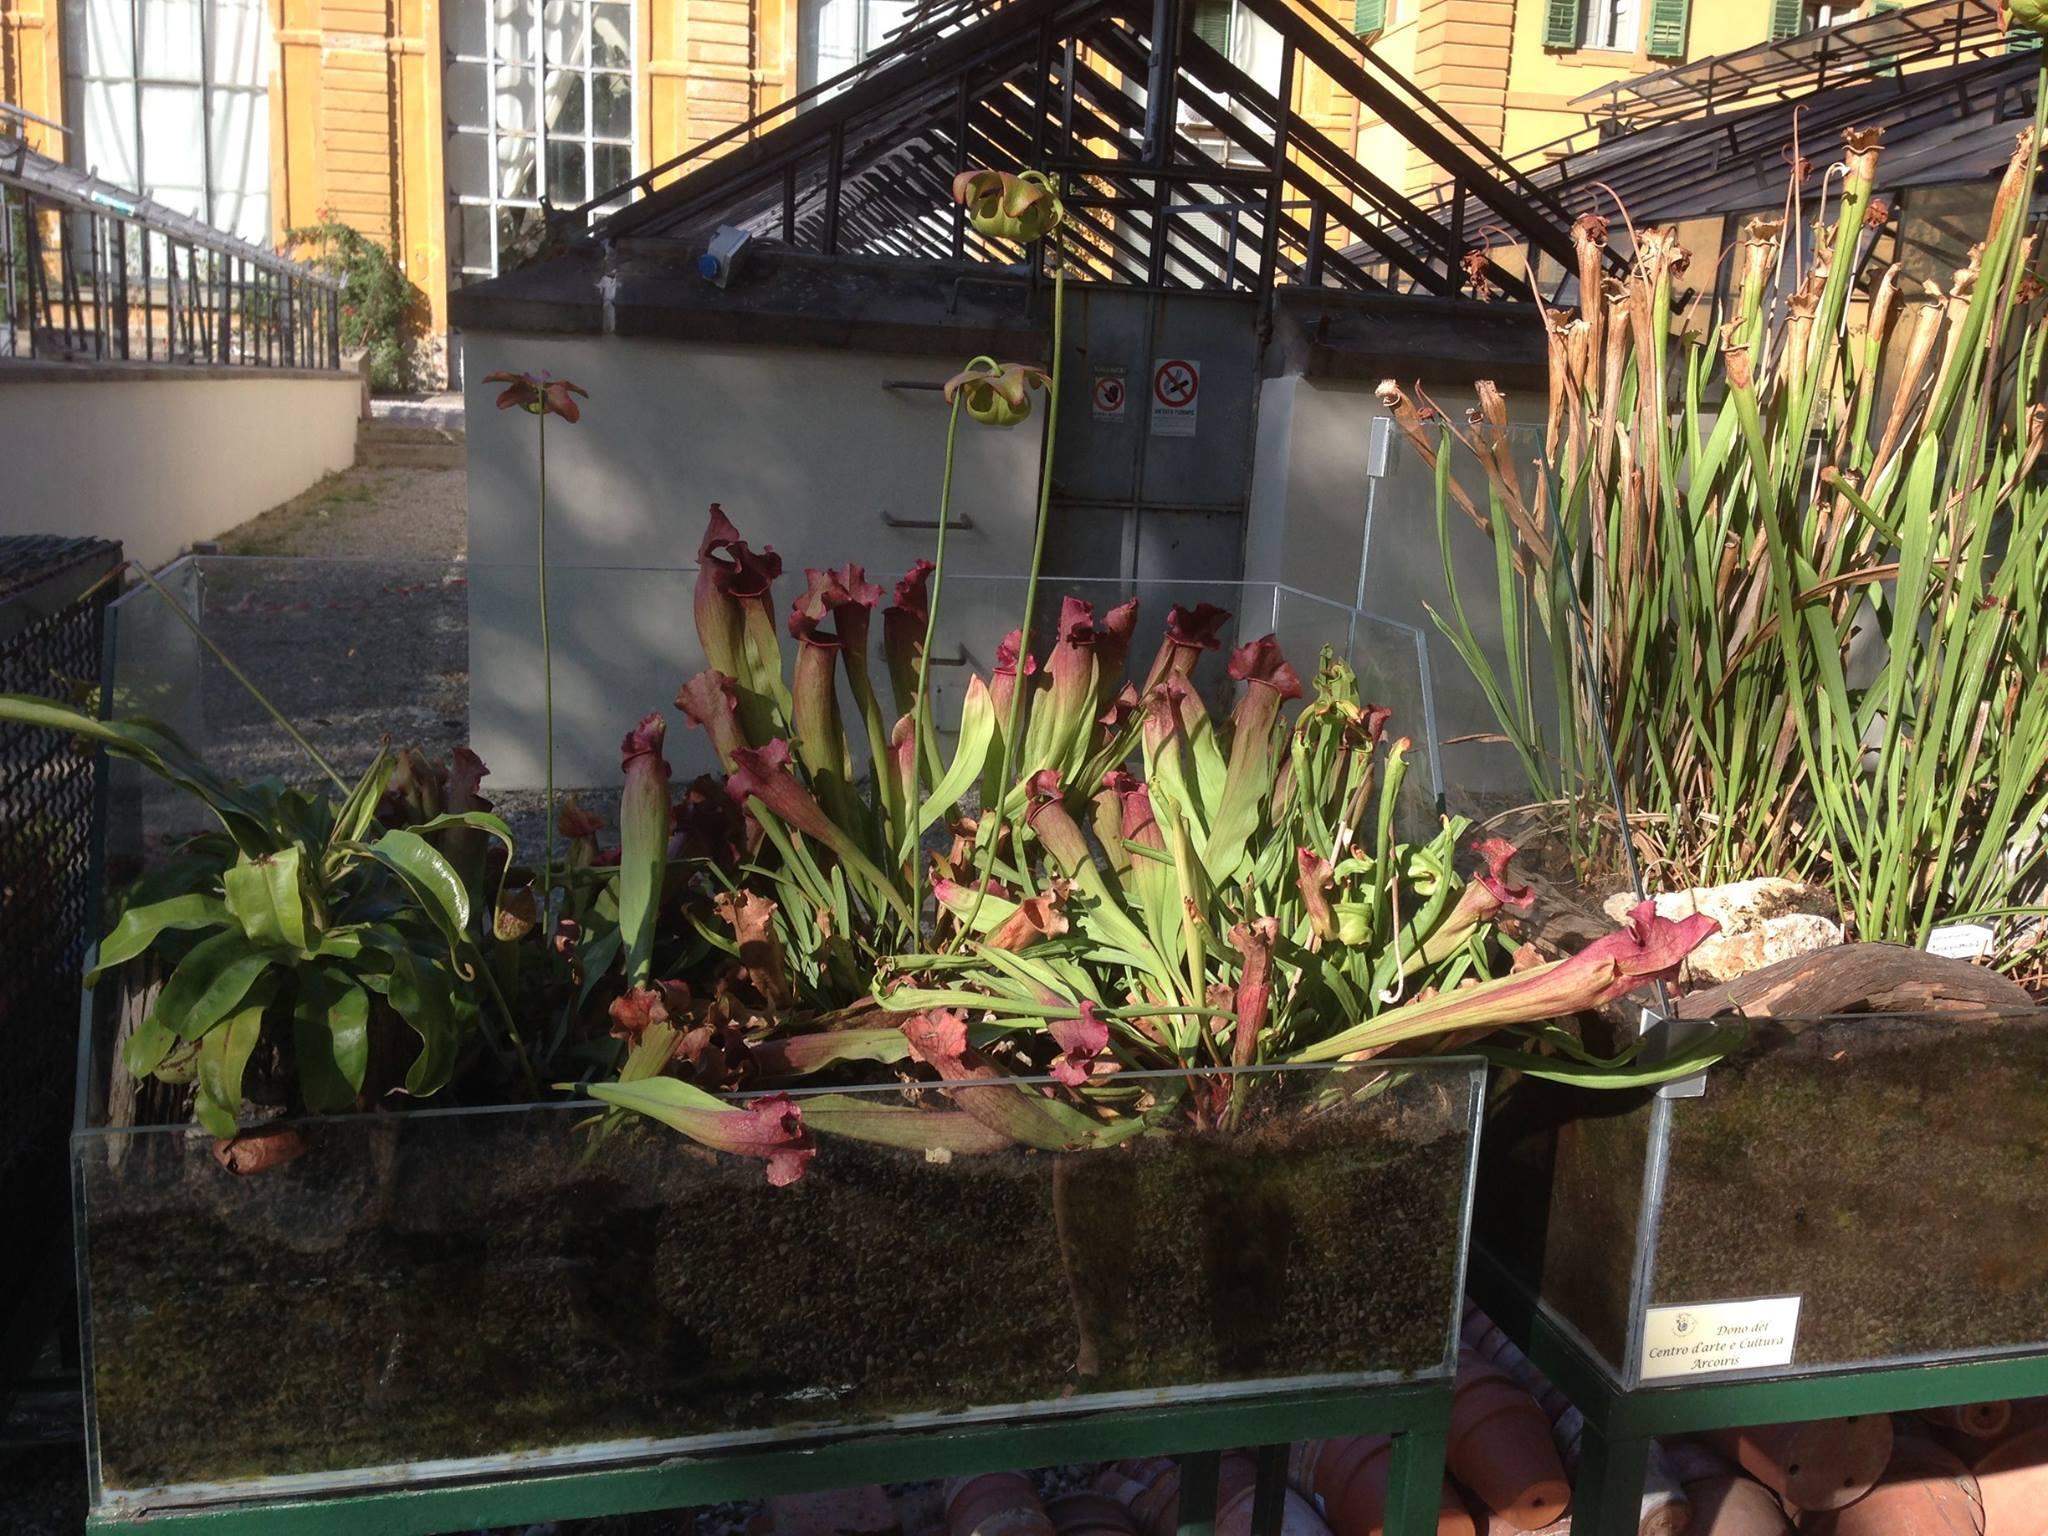 L 39 orto botanico giardino dei semplici firenze visita for Giardino orto botanico firenze